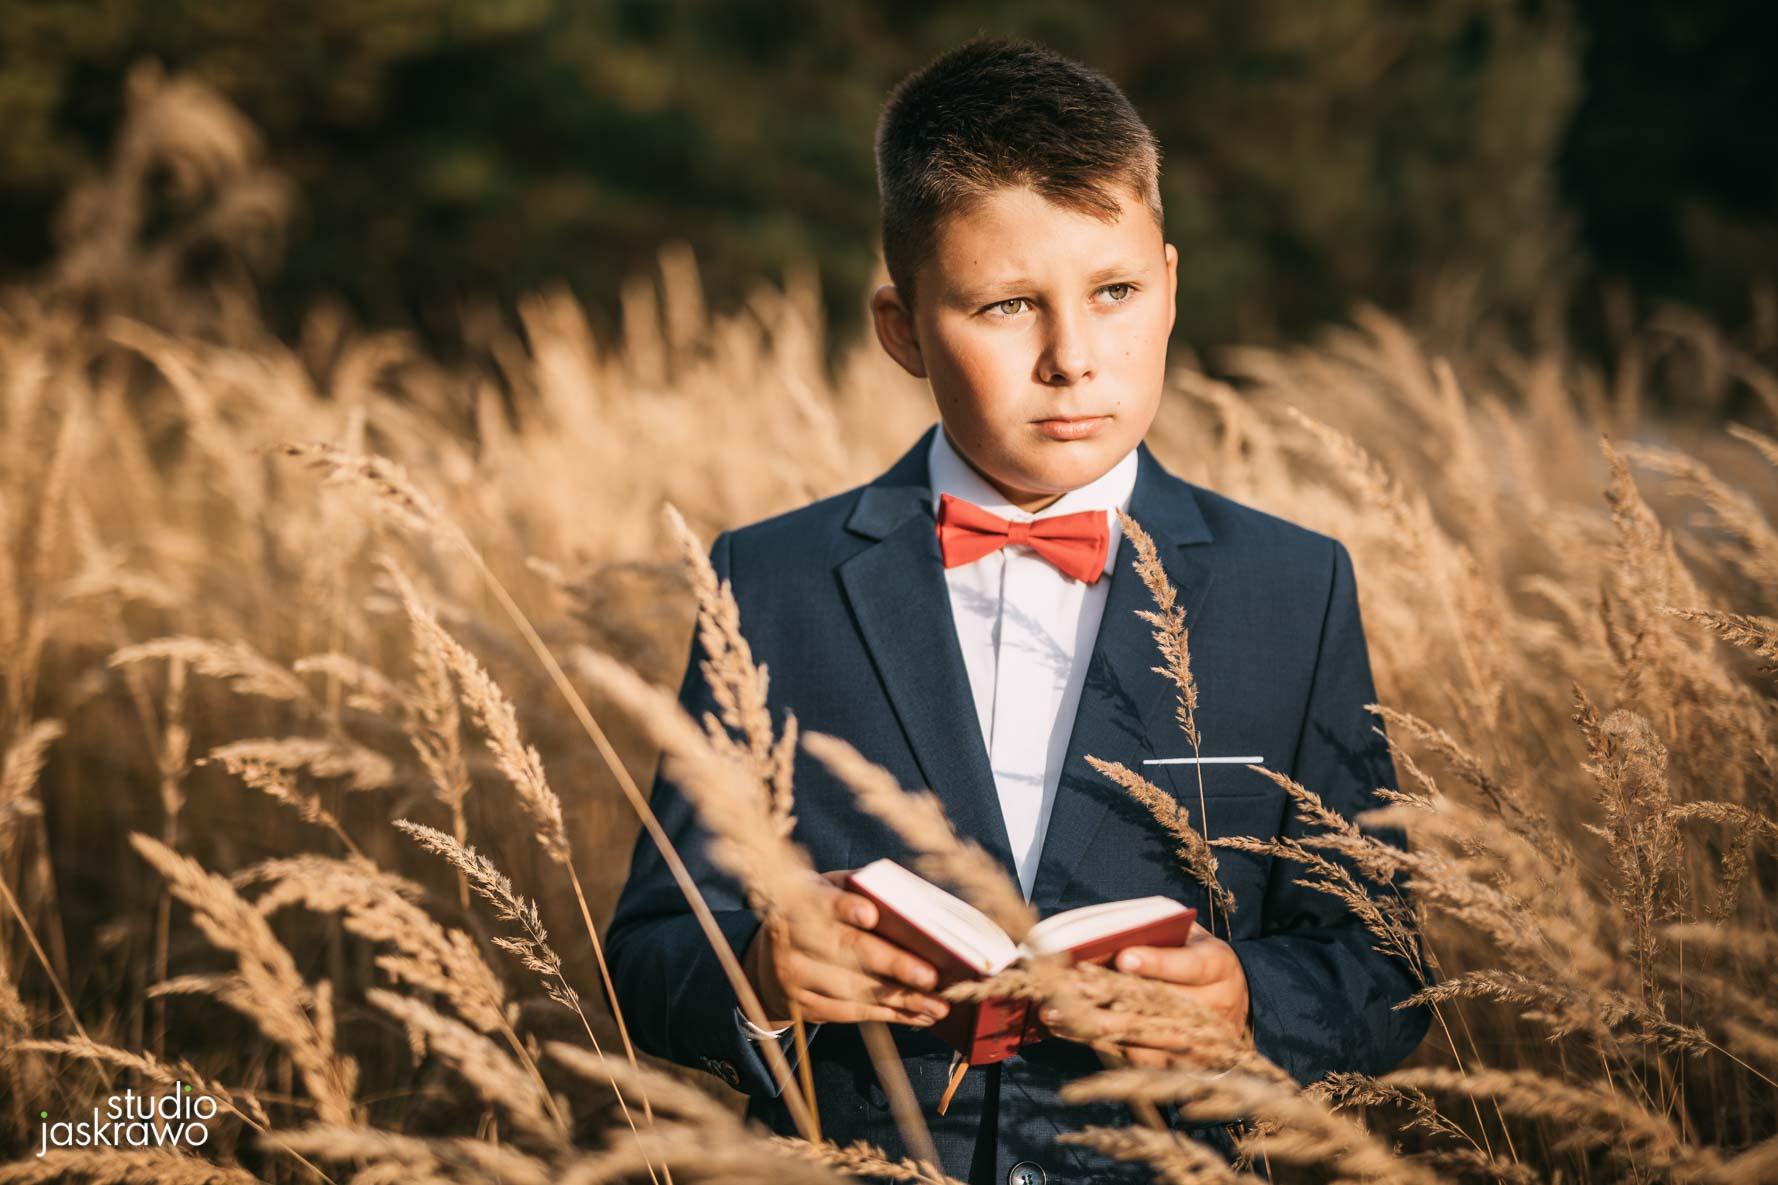 Młody chłopiec w garniturze trzyma w rękach książeczkę z pierwszej komunii świętej